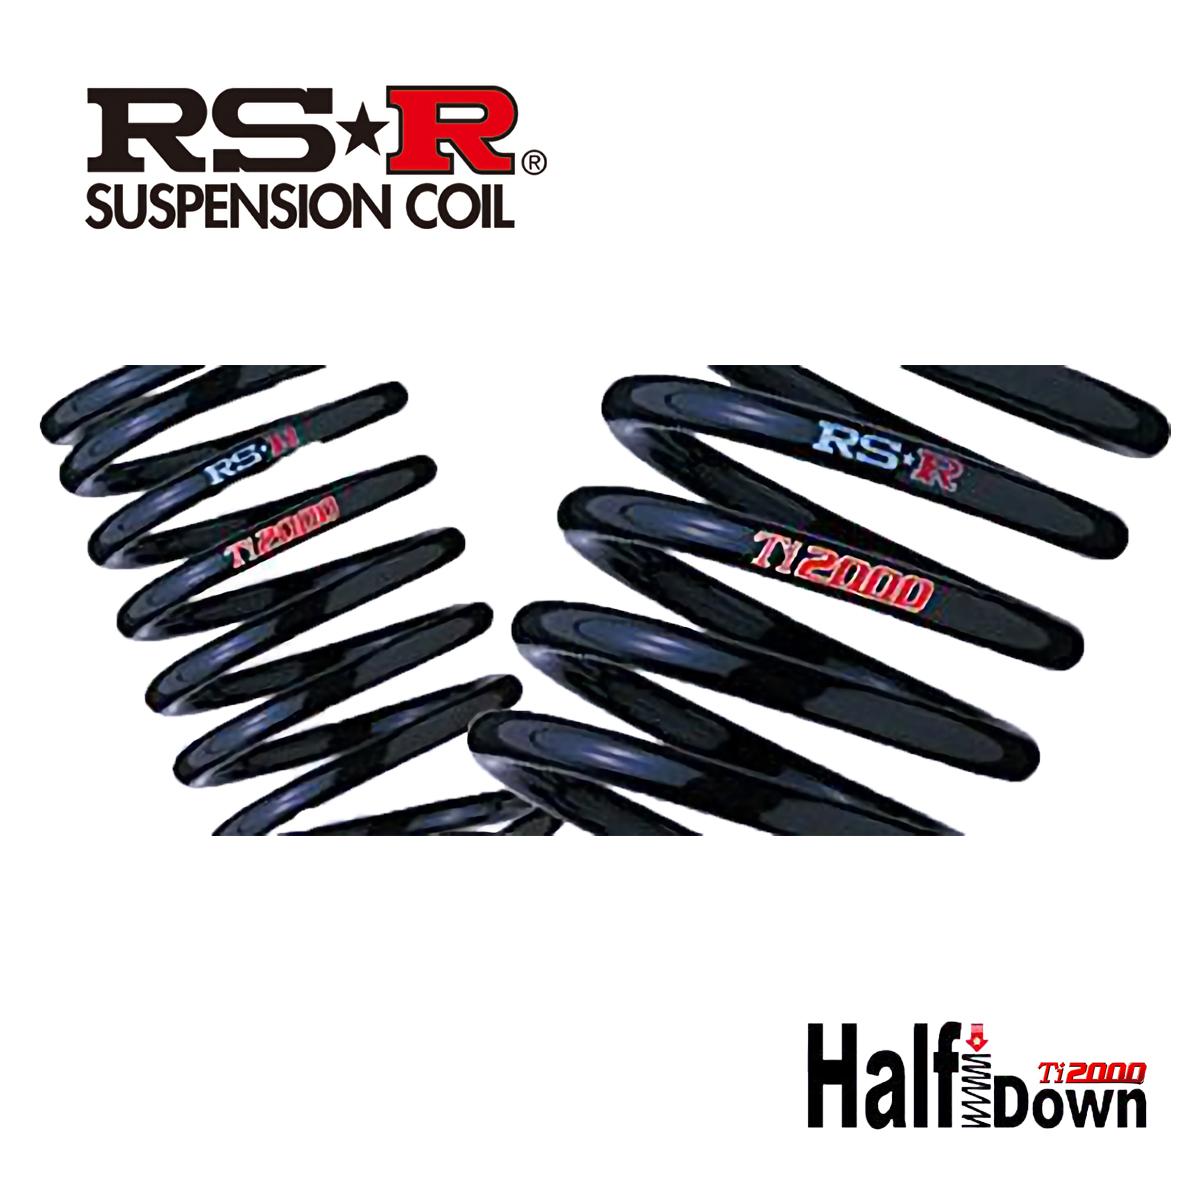 RS-R レクサス UX200 MZAA10 バージョンC ダウンサス スプリング リア T303THDR Ti2000 ハーフダウン RSR 個人宅発送追金有